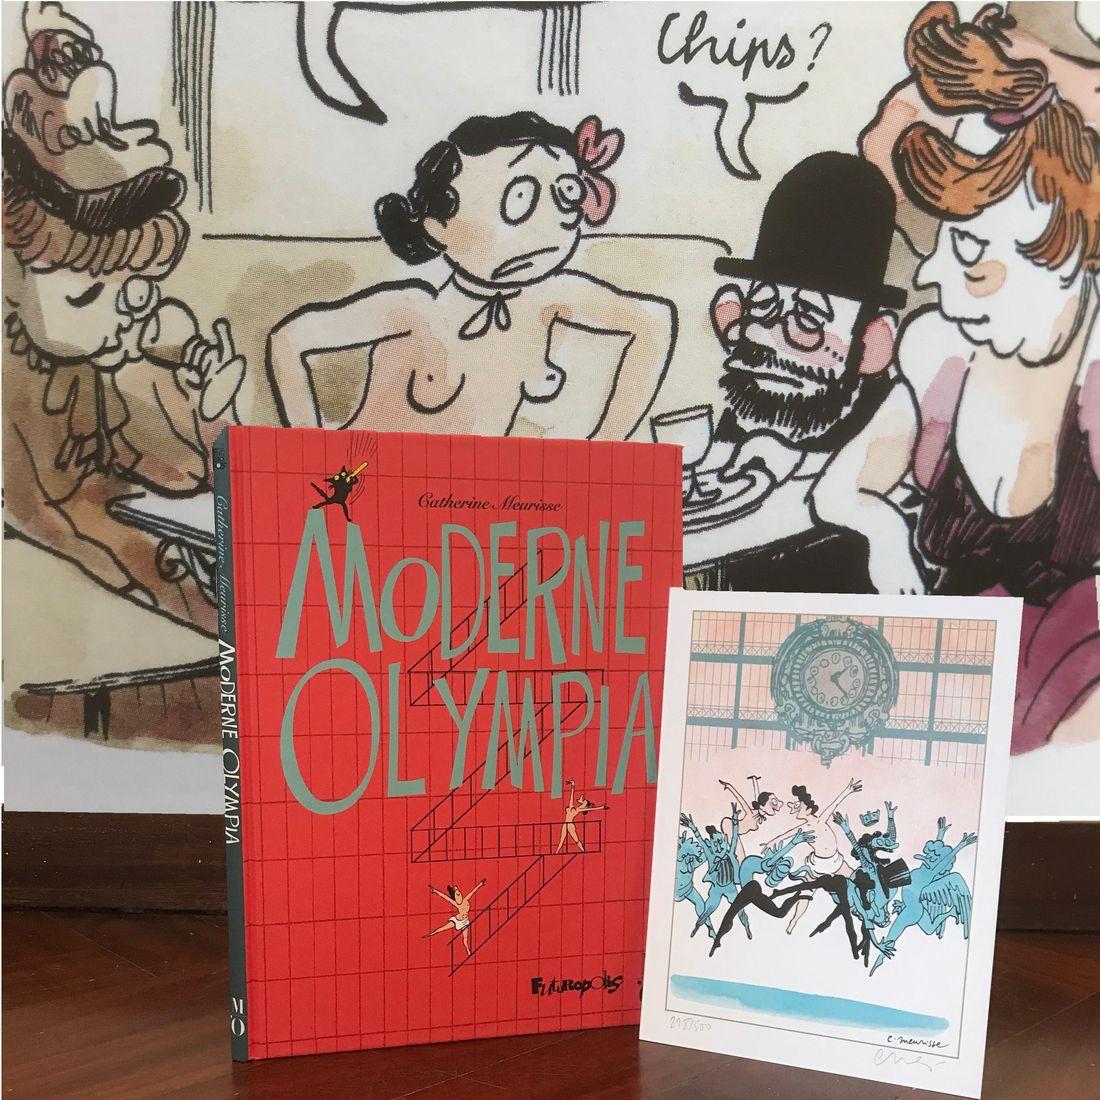 30 ans d'édition, par Sébastien Gnaedig, Chapitre 50: la BD au féminin. Meurisse